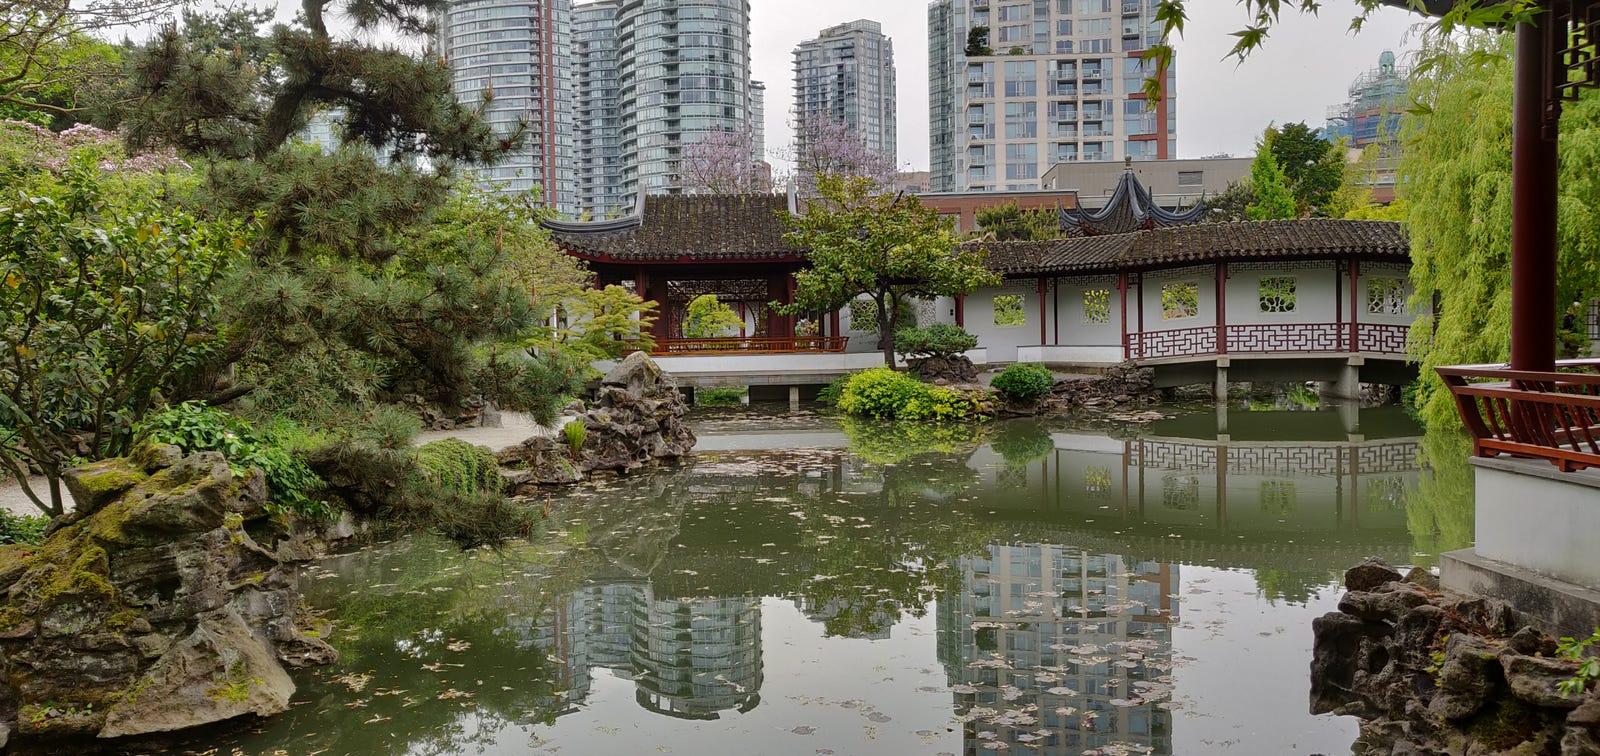 Sun Yat-Sen Park